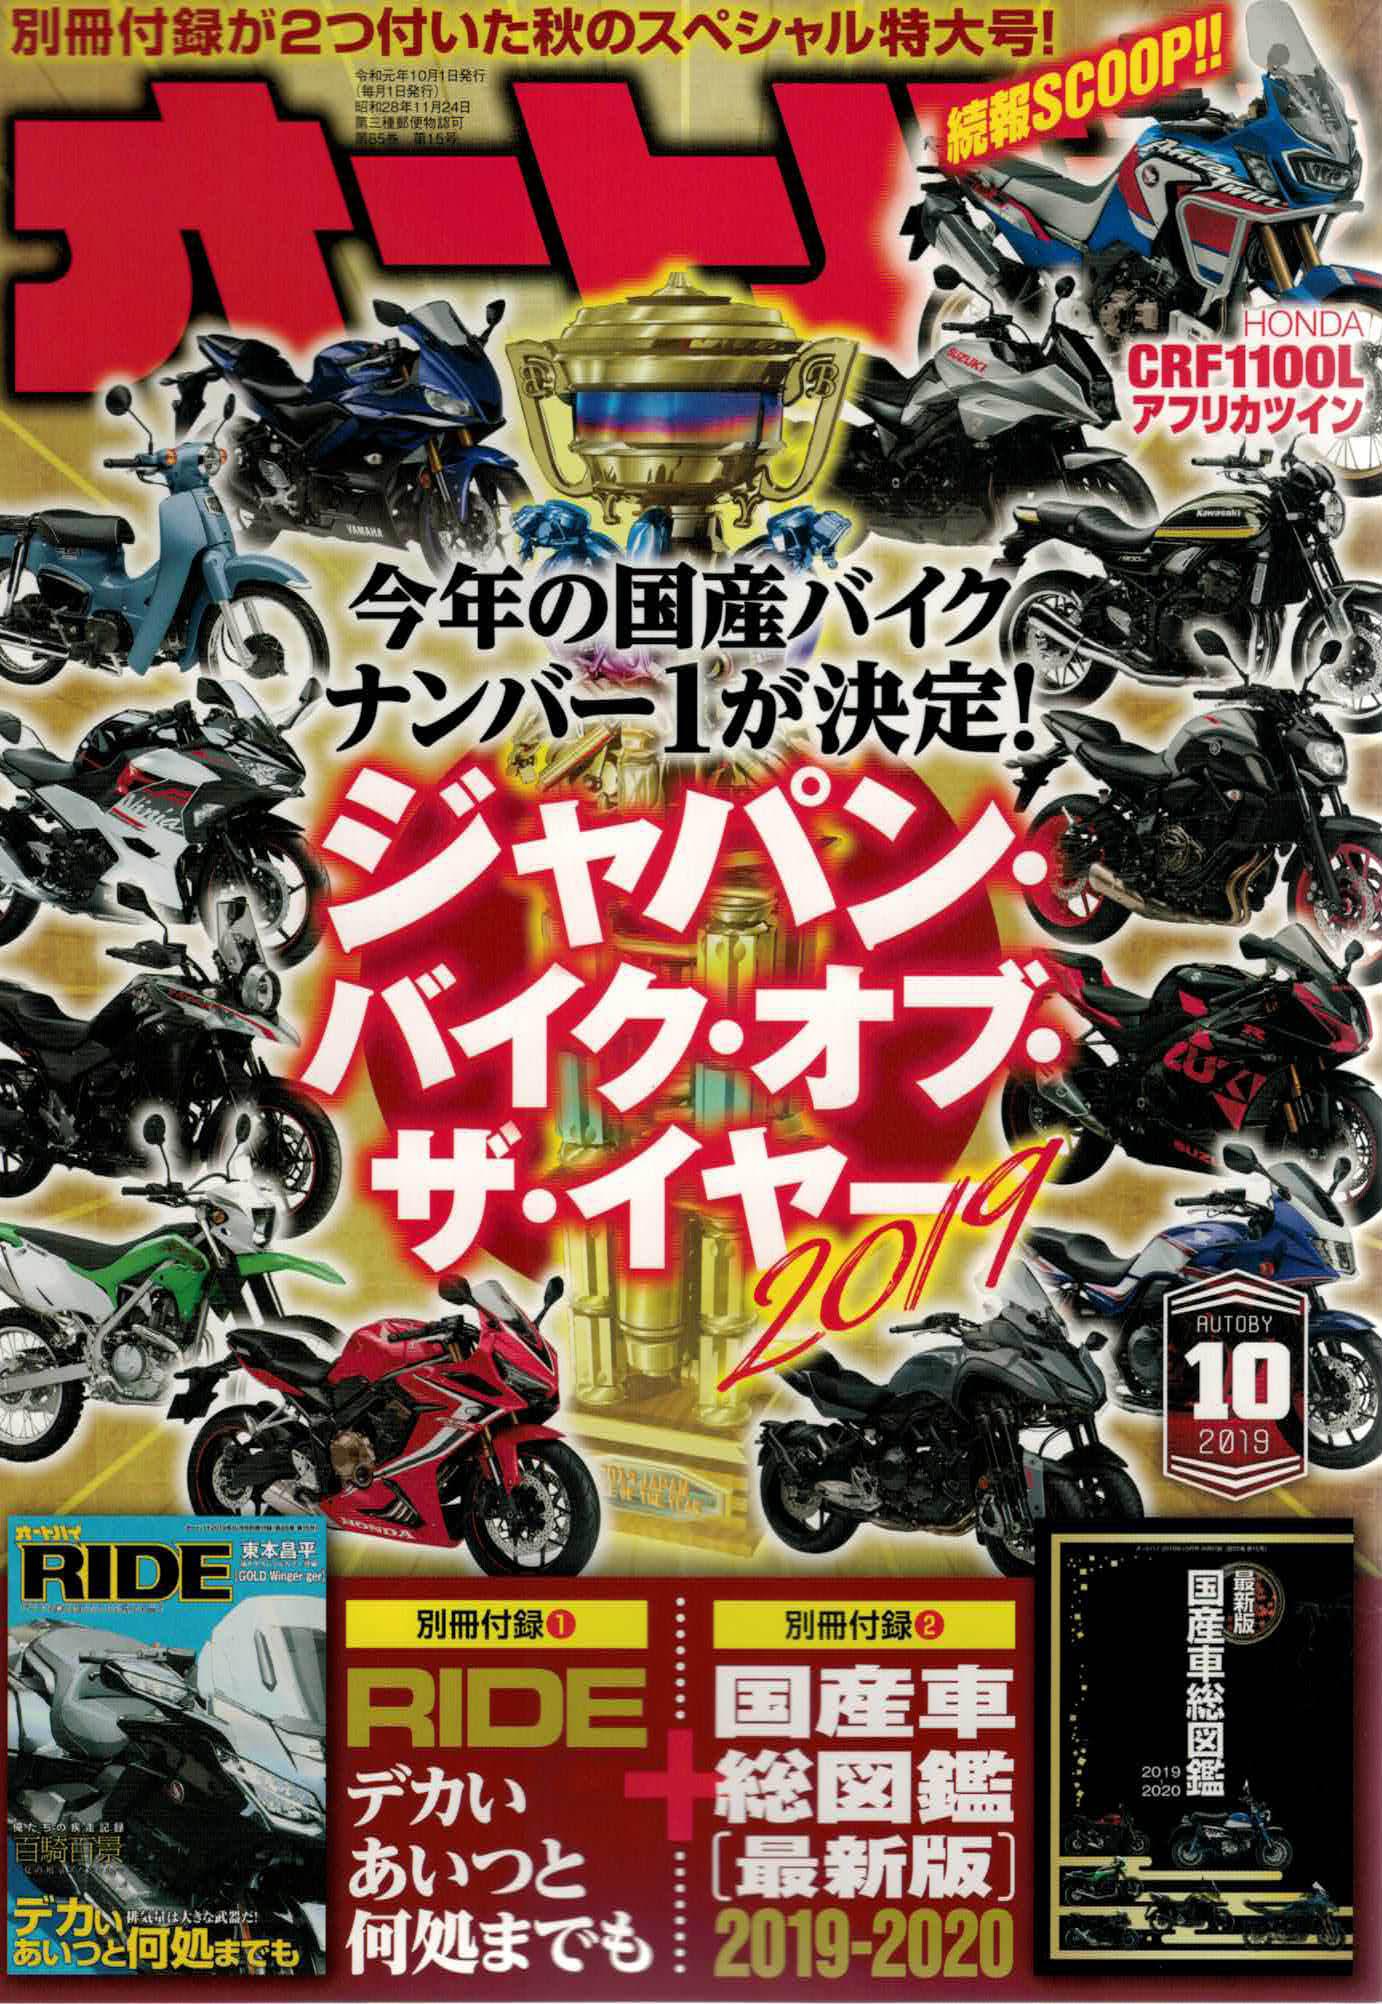 【オートバイ10月号掲載】Lambretta